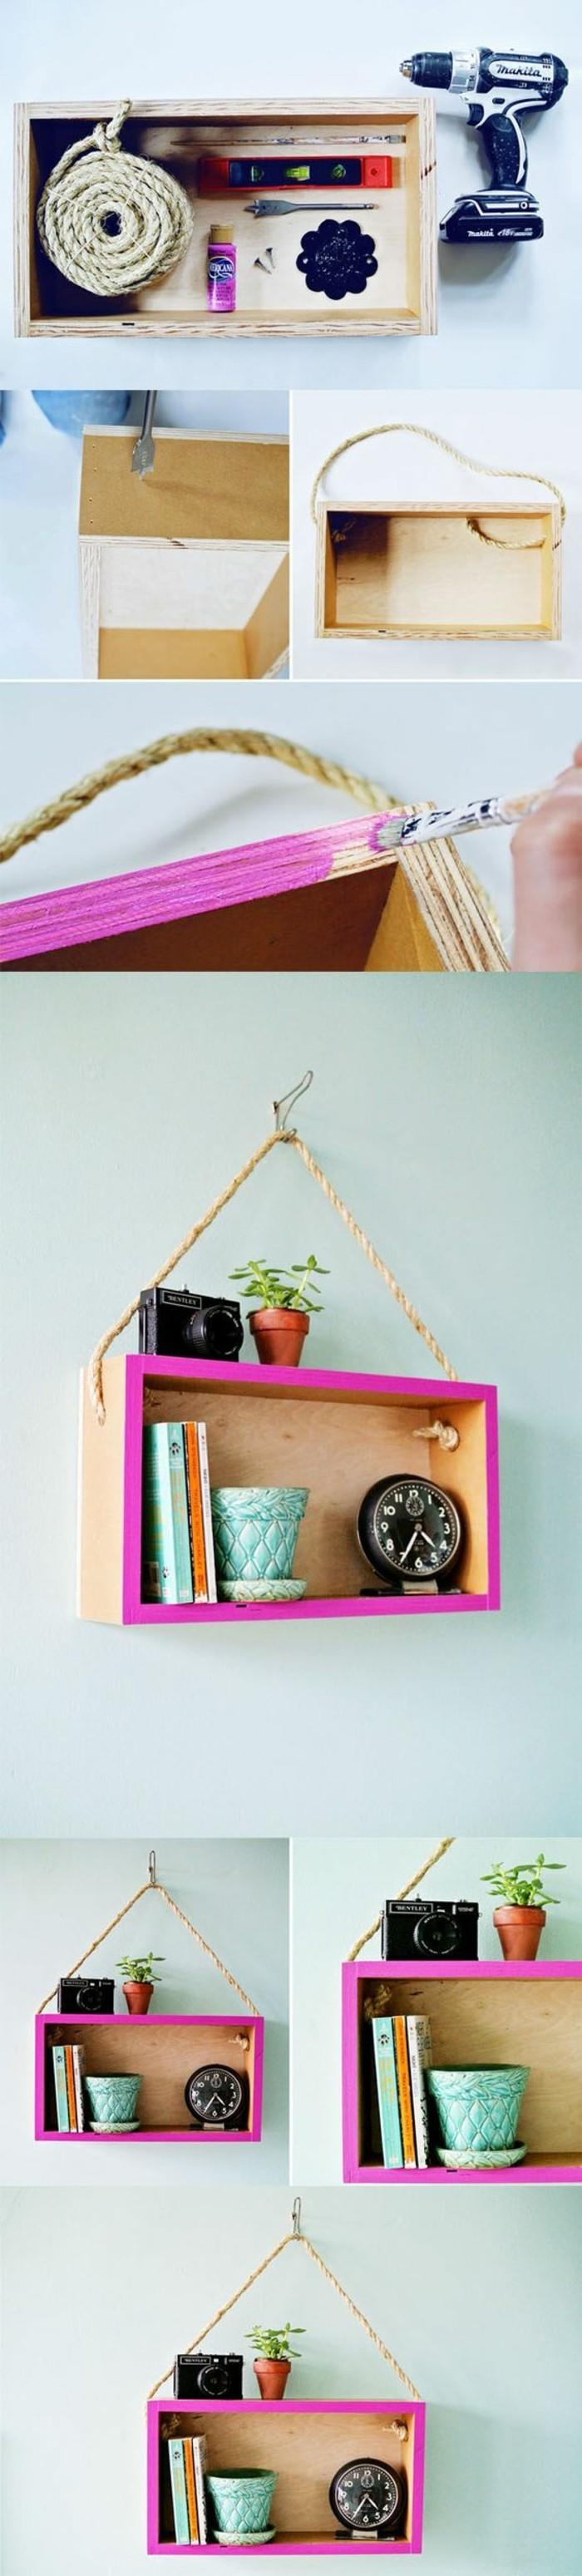 Wanddeko selber machen: 68 tolle Ideen für Ihr Zuhause